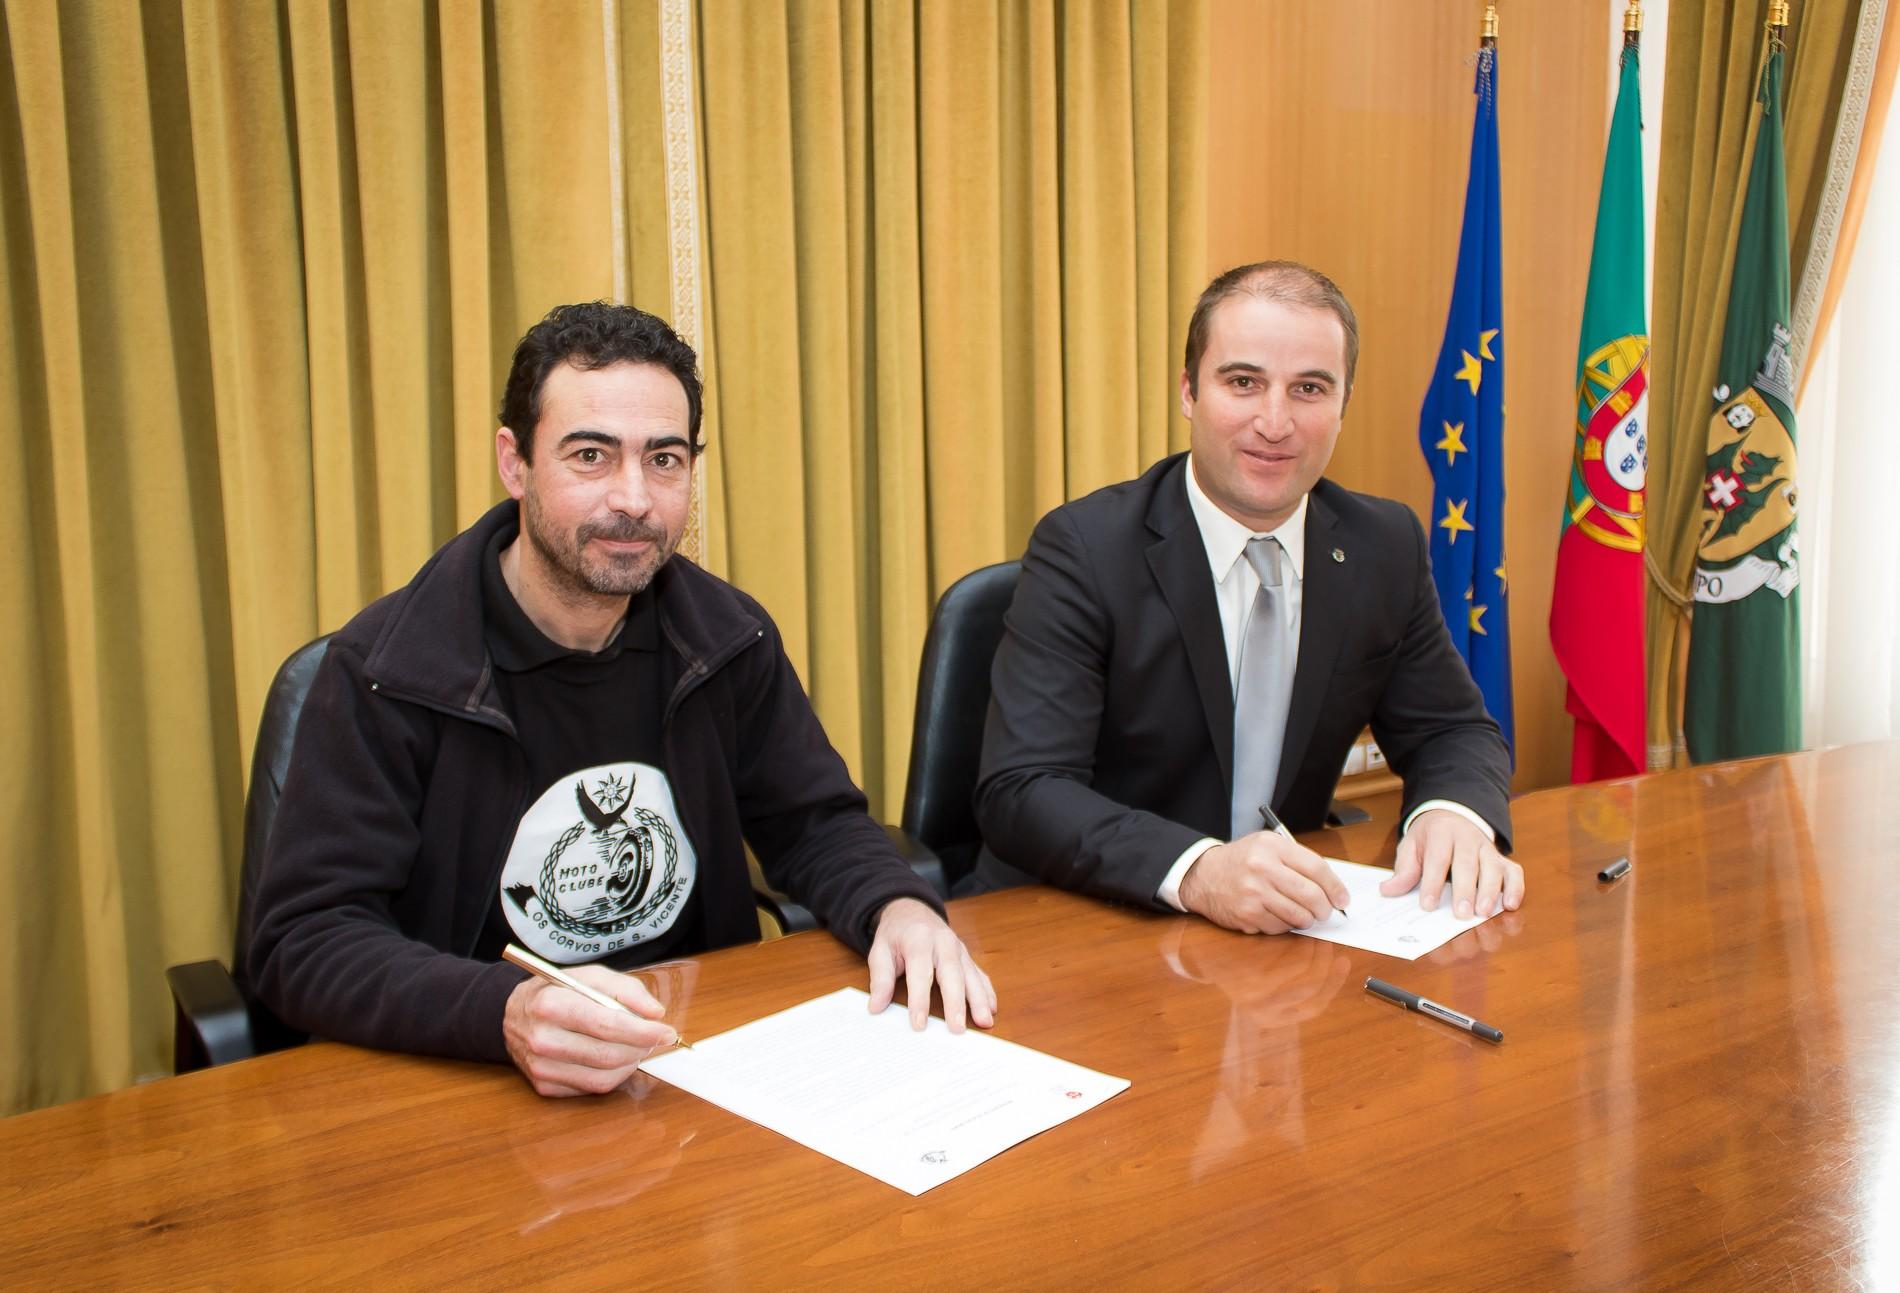 Assinatura  de protocolo Moto Clube Os Corvos de São Vicente